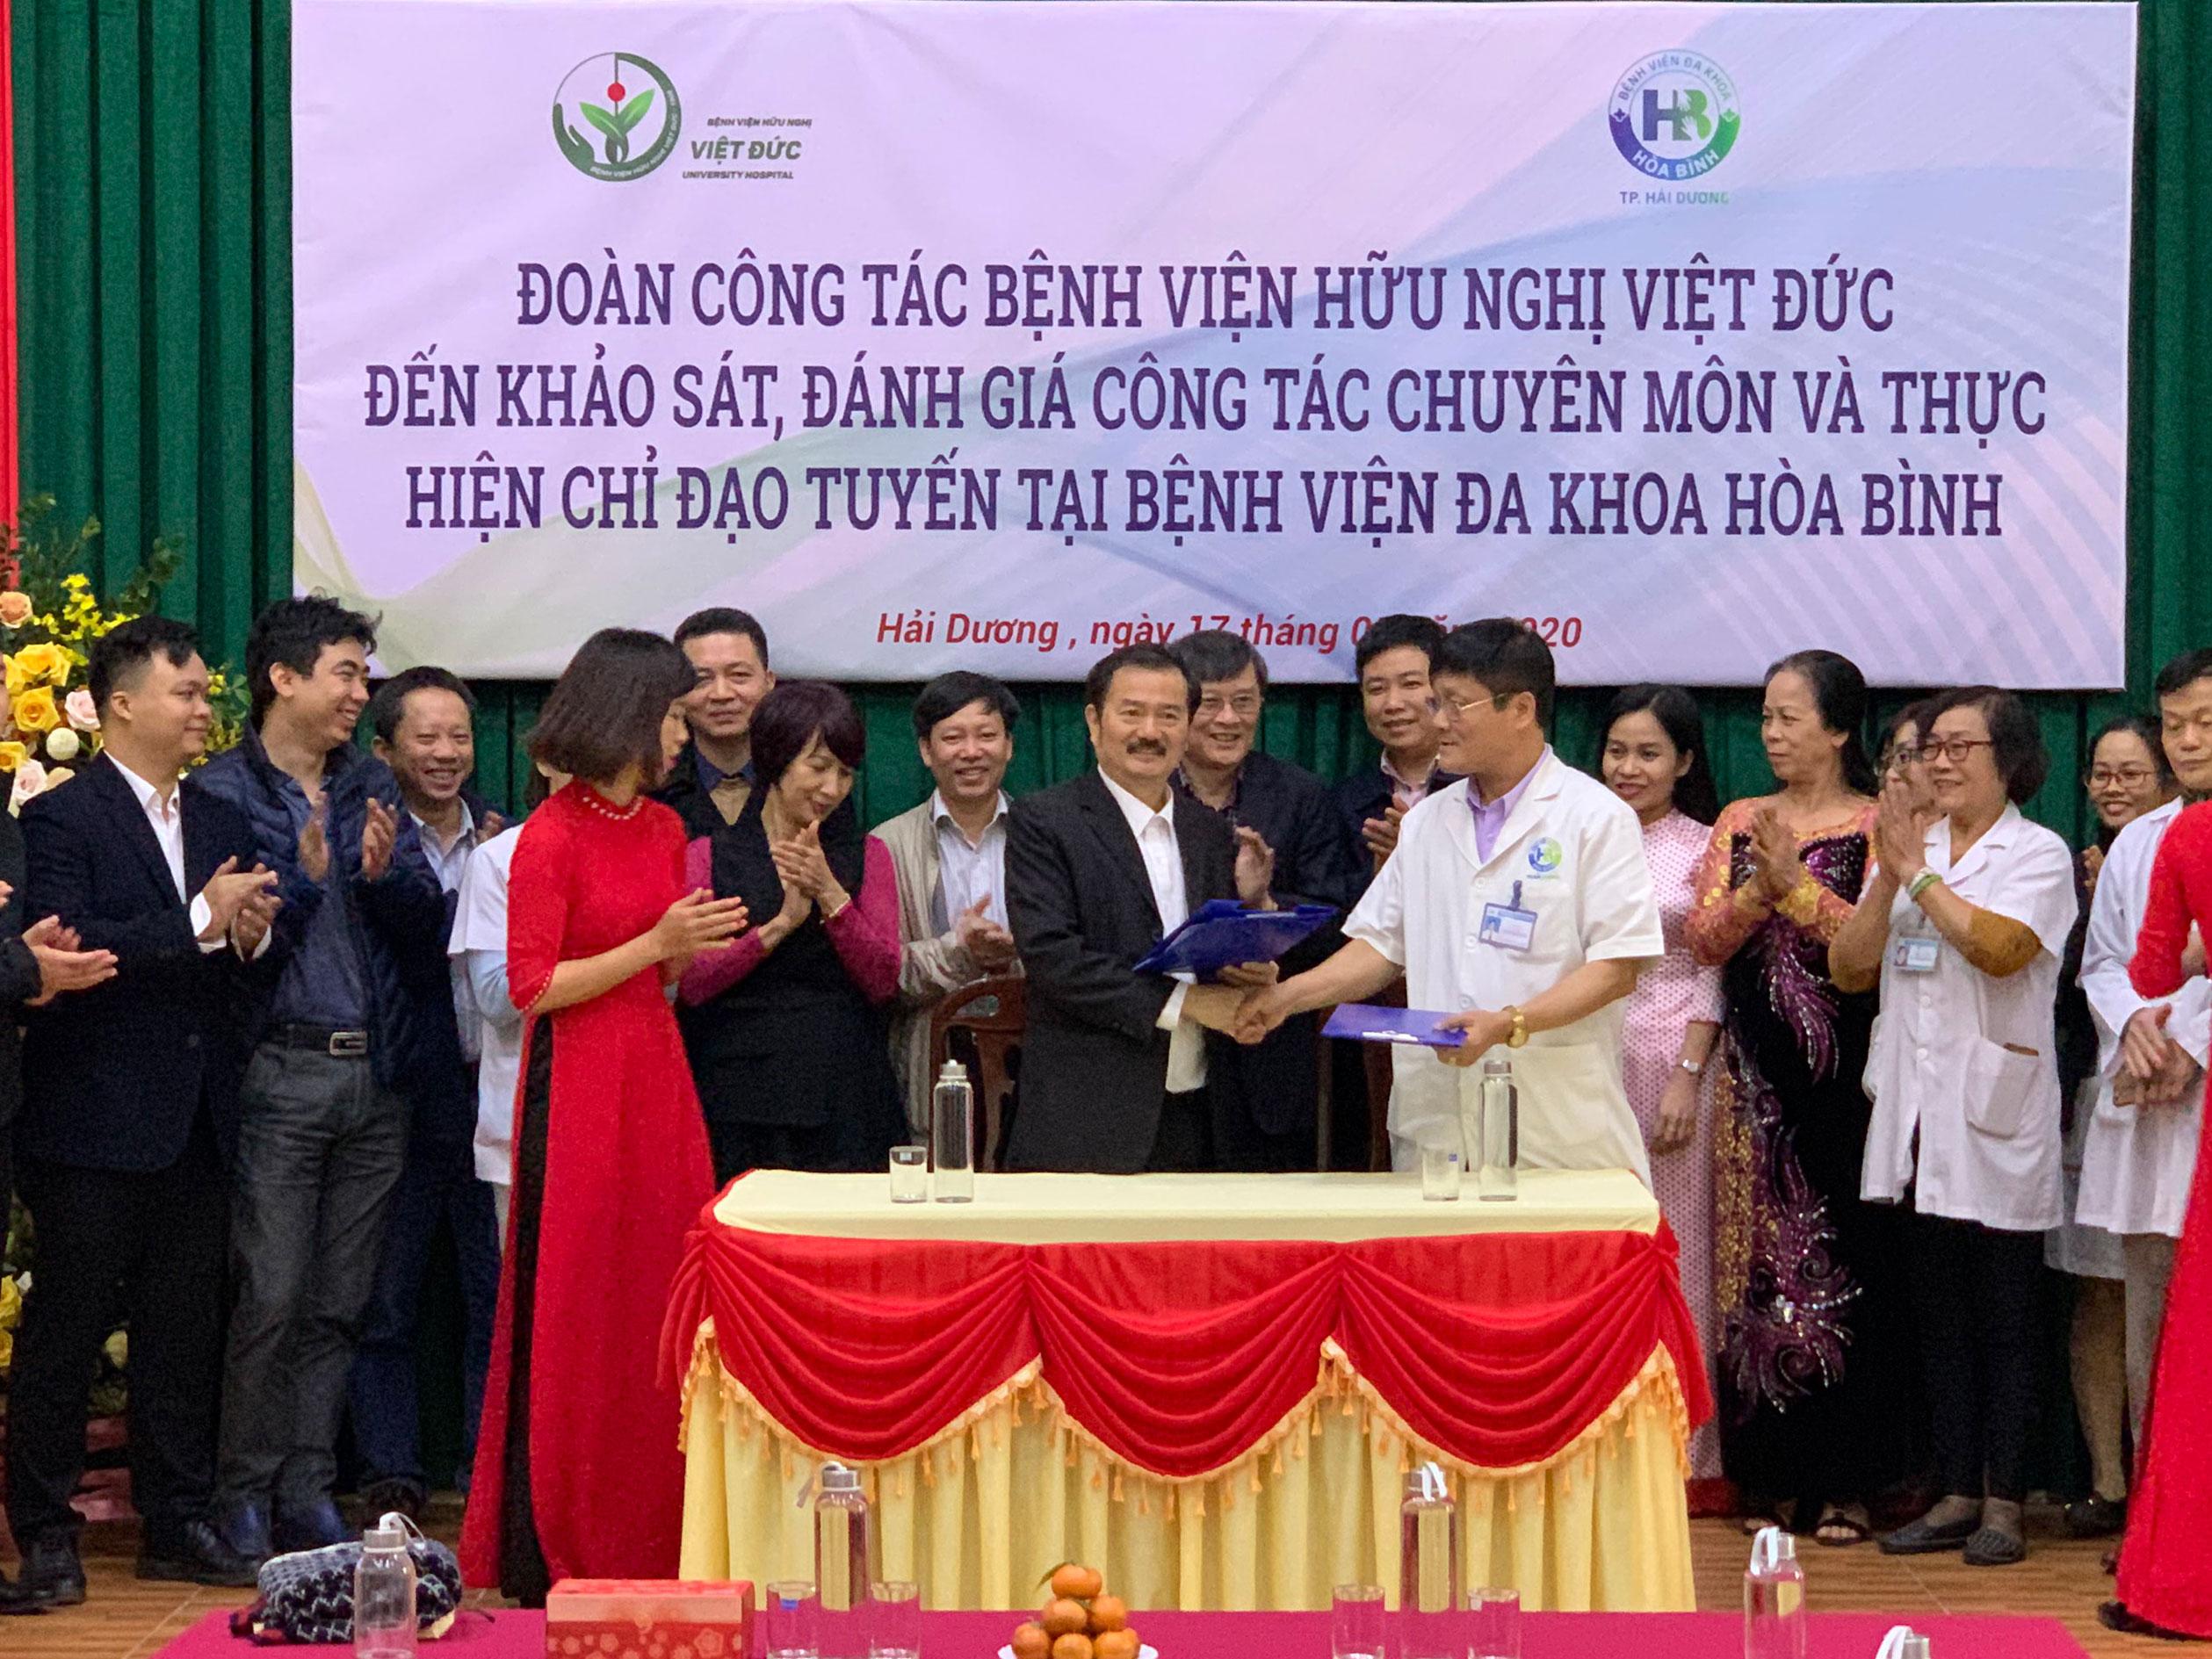 Đoàn công tác Bệnh viện Hữu Nghị Việt Đức thực hiện chỉ đạo tuyến tại Bệnh viện đa khoa Hòa Bình - TP.Hải Dương